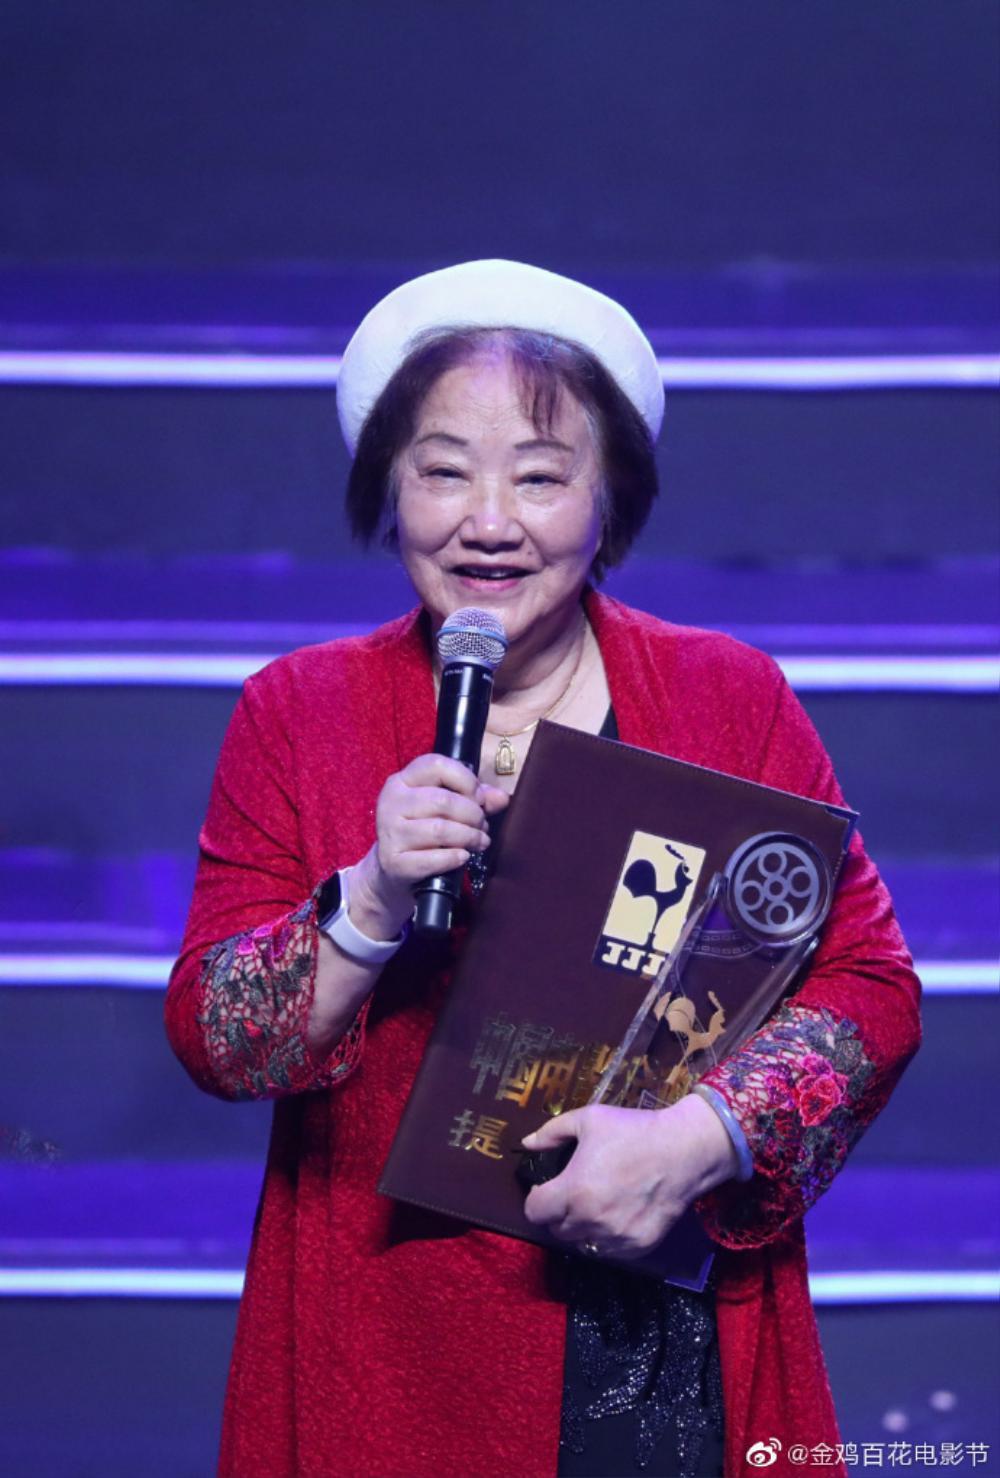 Dịch Dương Thiên Tỉ - Châu Đông Vũ cùng nhận thưởng đề cử, Huỳnh Hiểu Minh phát biểu gây chú ý Ảnh 19